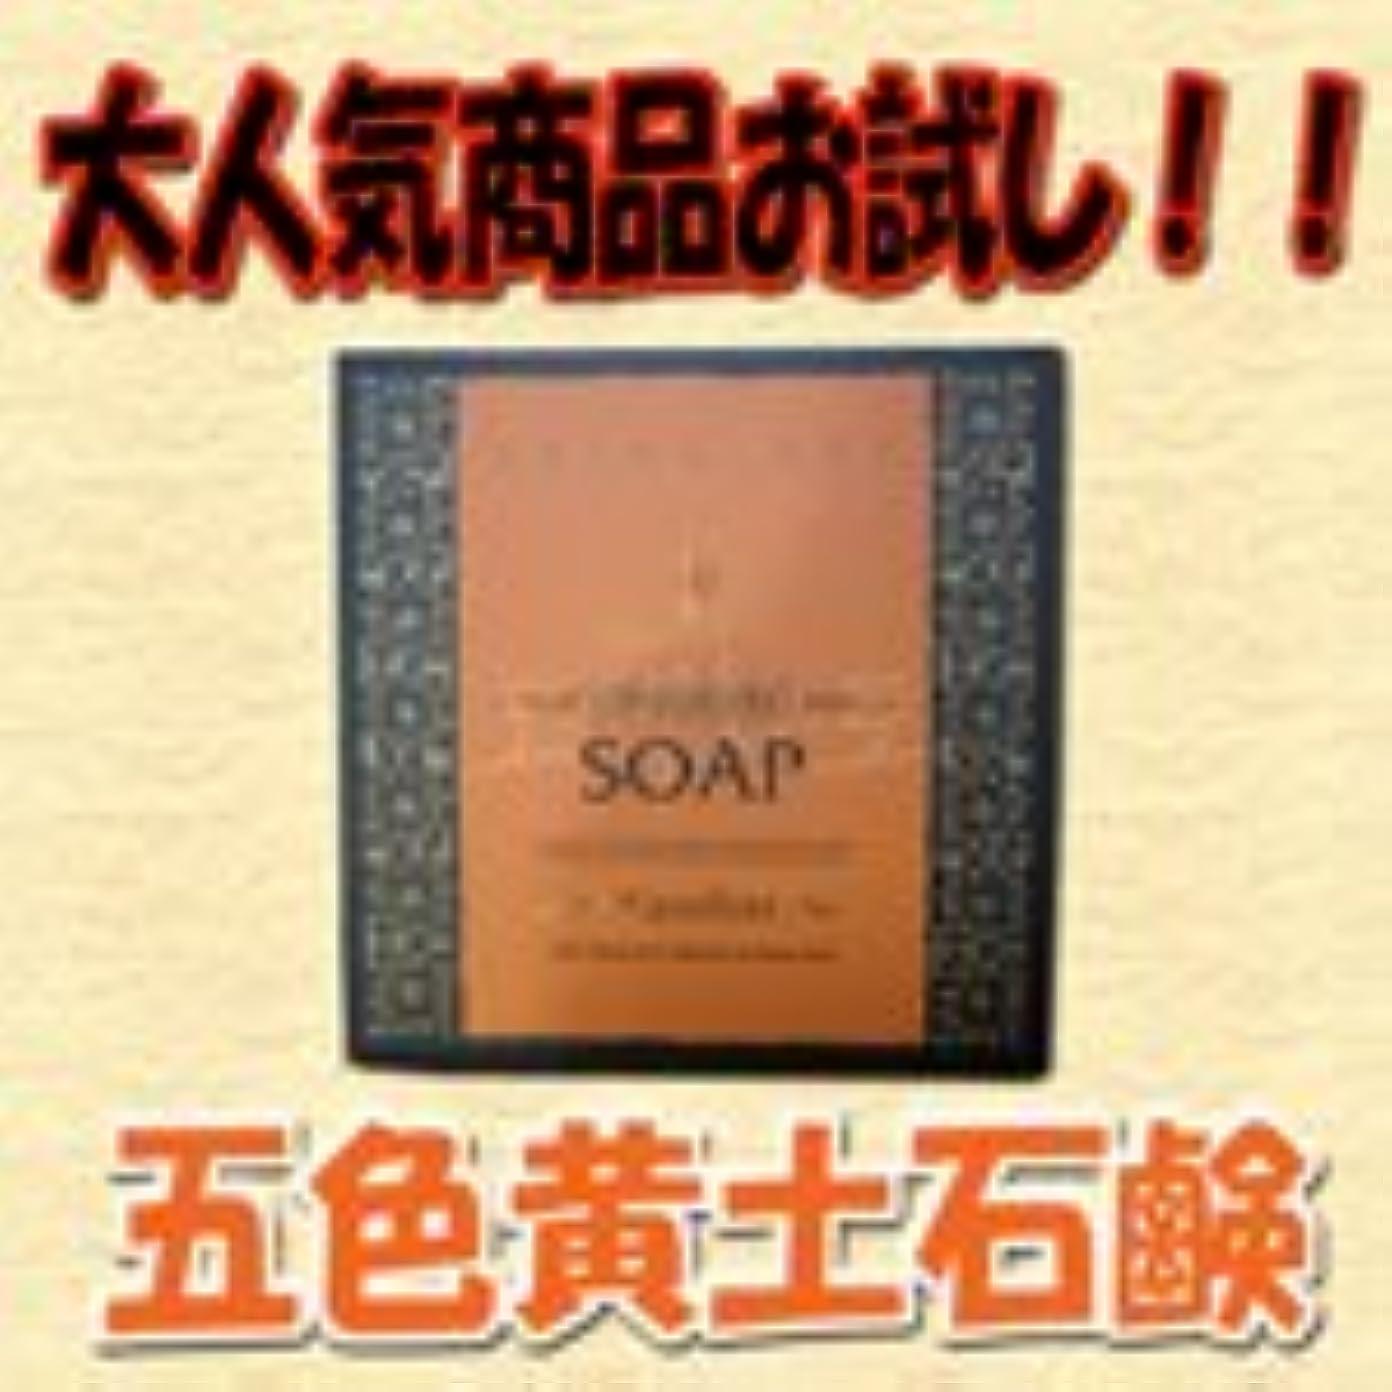 ワーカー水曜日分五色黄土石鹸 トライアルセット 20g 1個入り 【天然ミネラル】